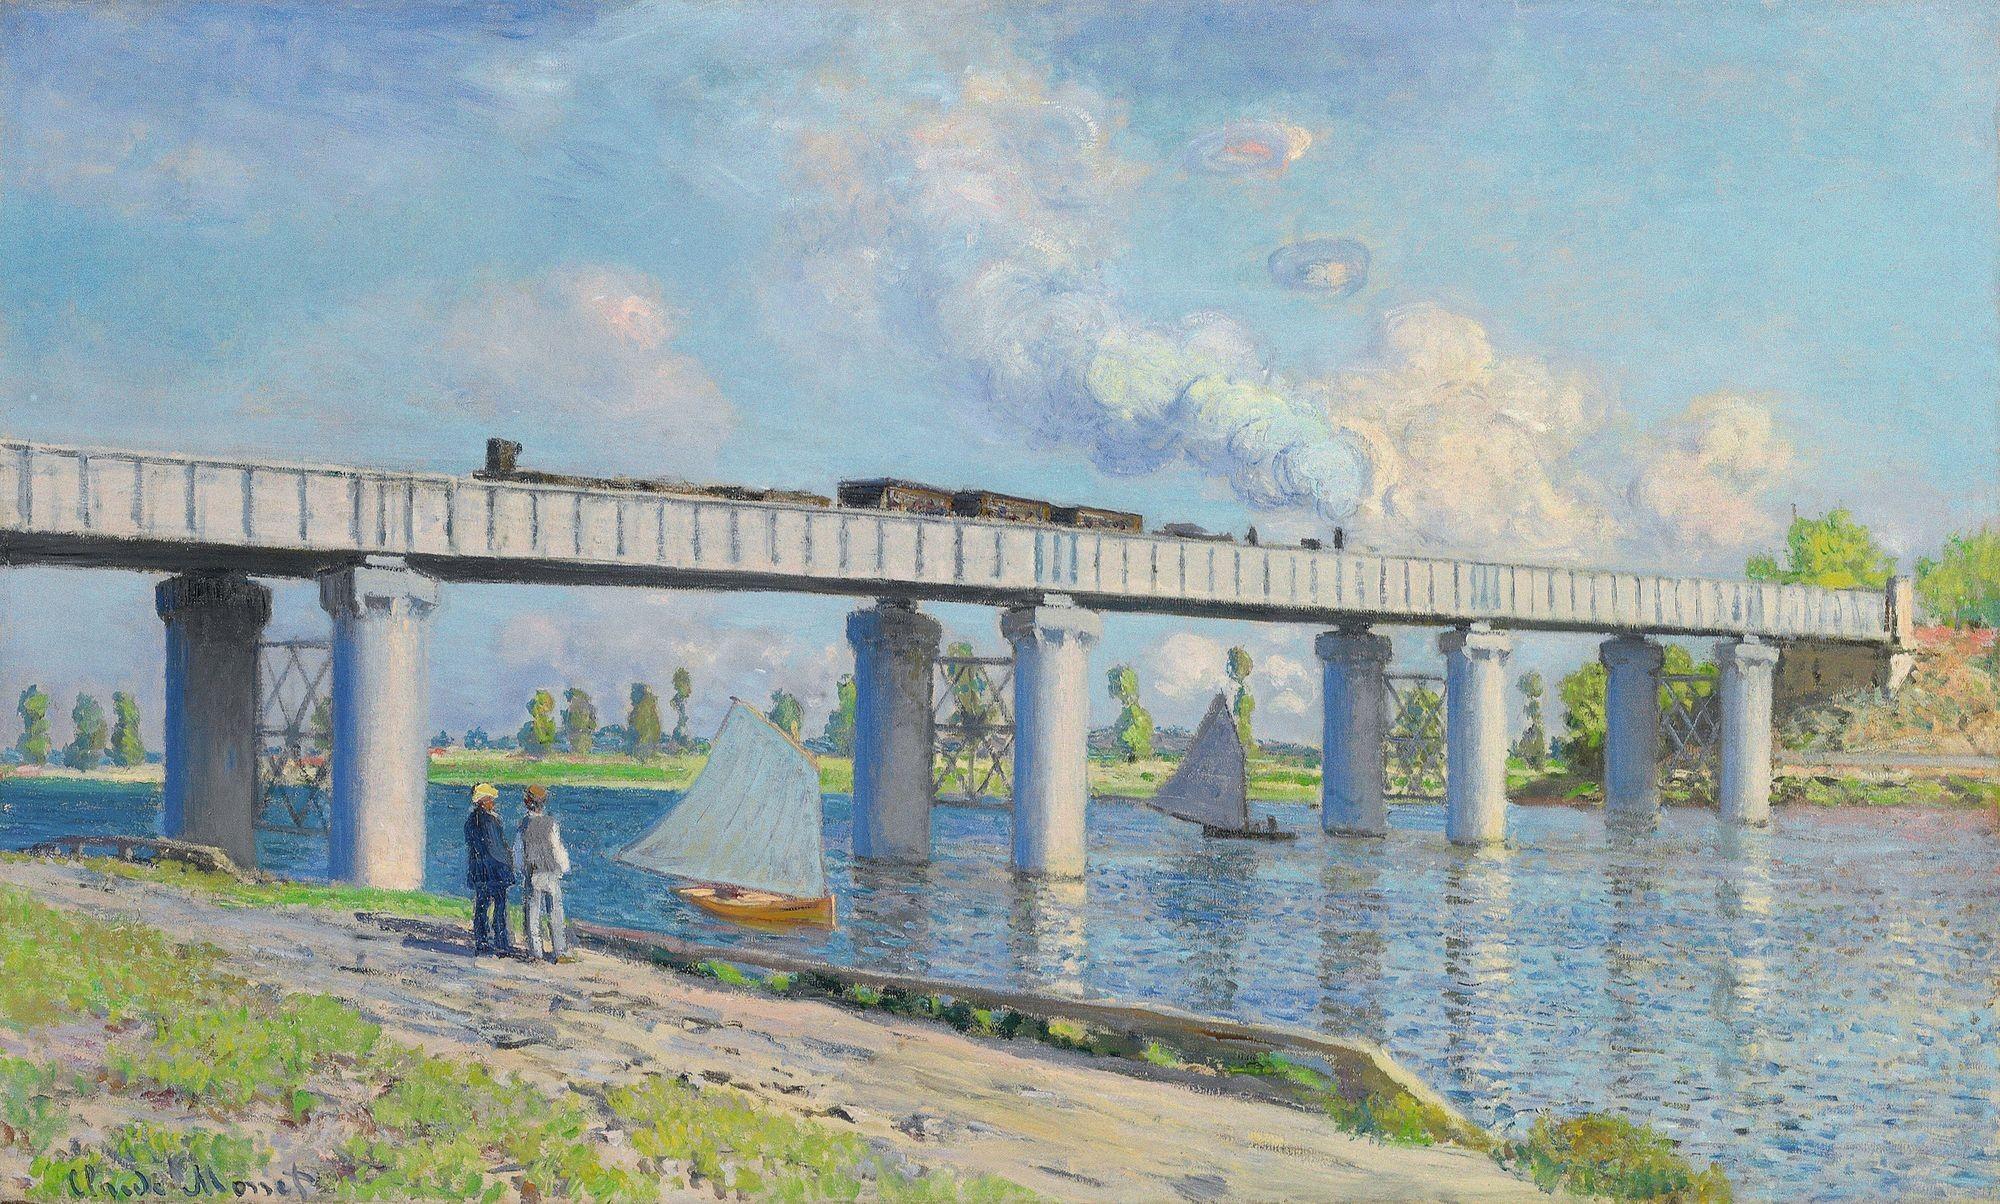 Claude Monet, Le Pont de chemin de fer à Argenteuil, 1873, huile sur toile, 60 x 99 cm, collection privée.